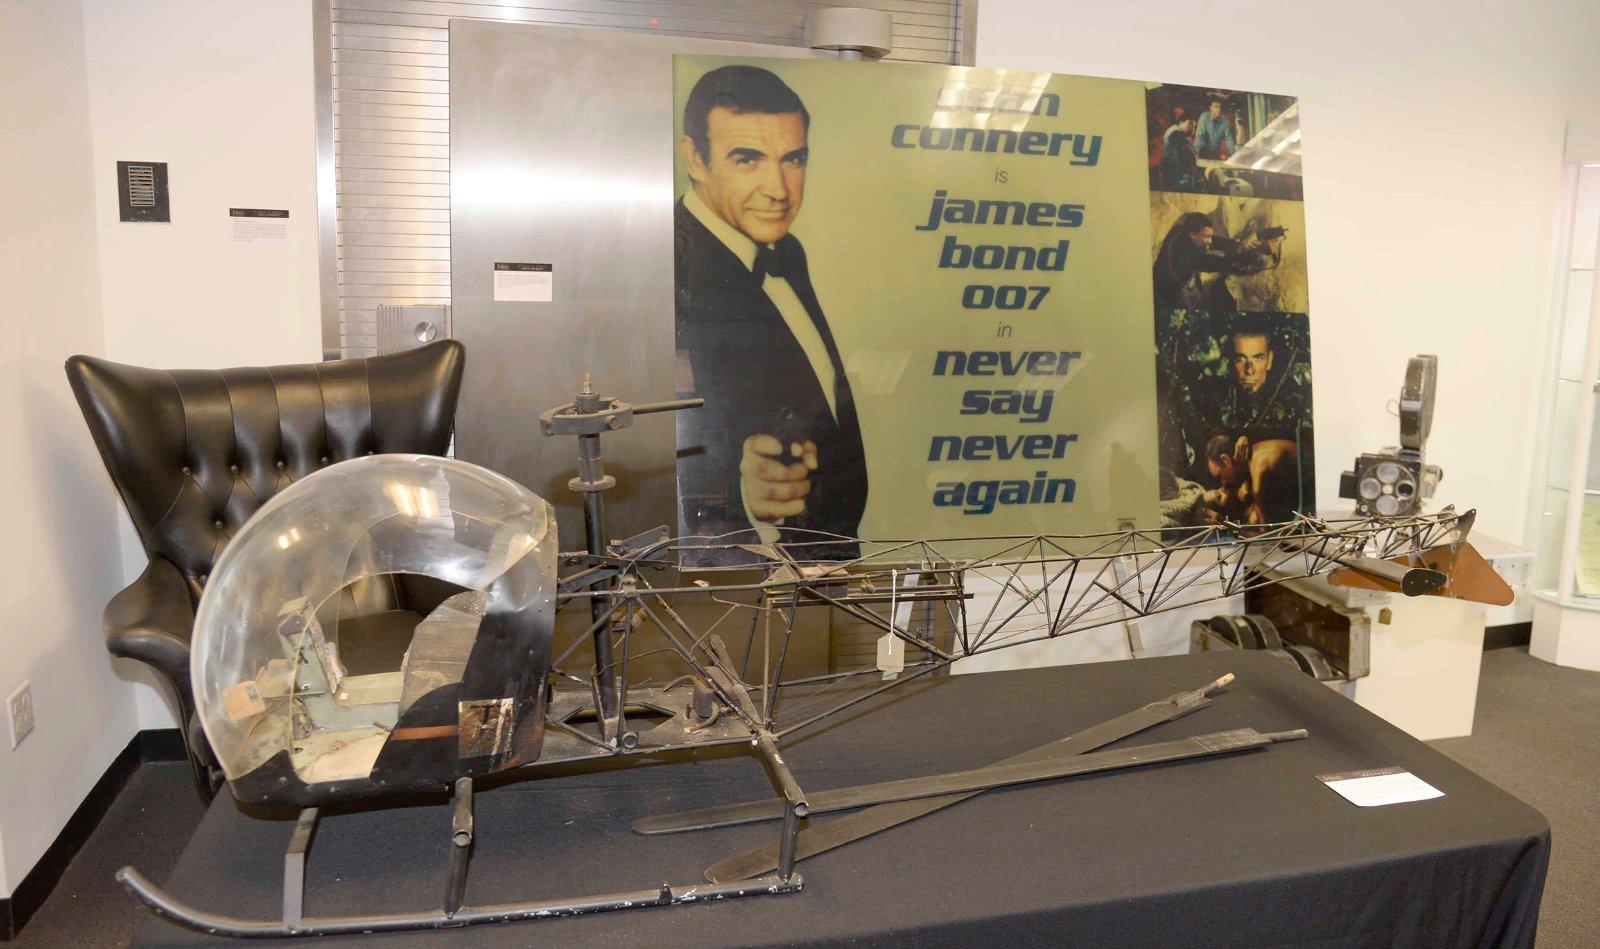 Les objets font référence au film